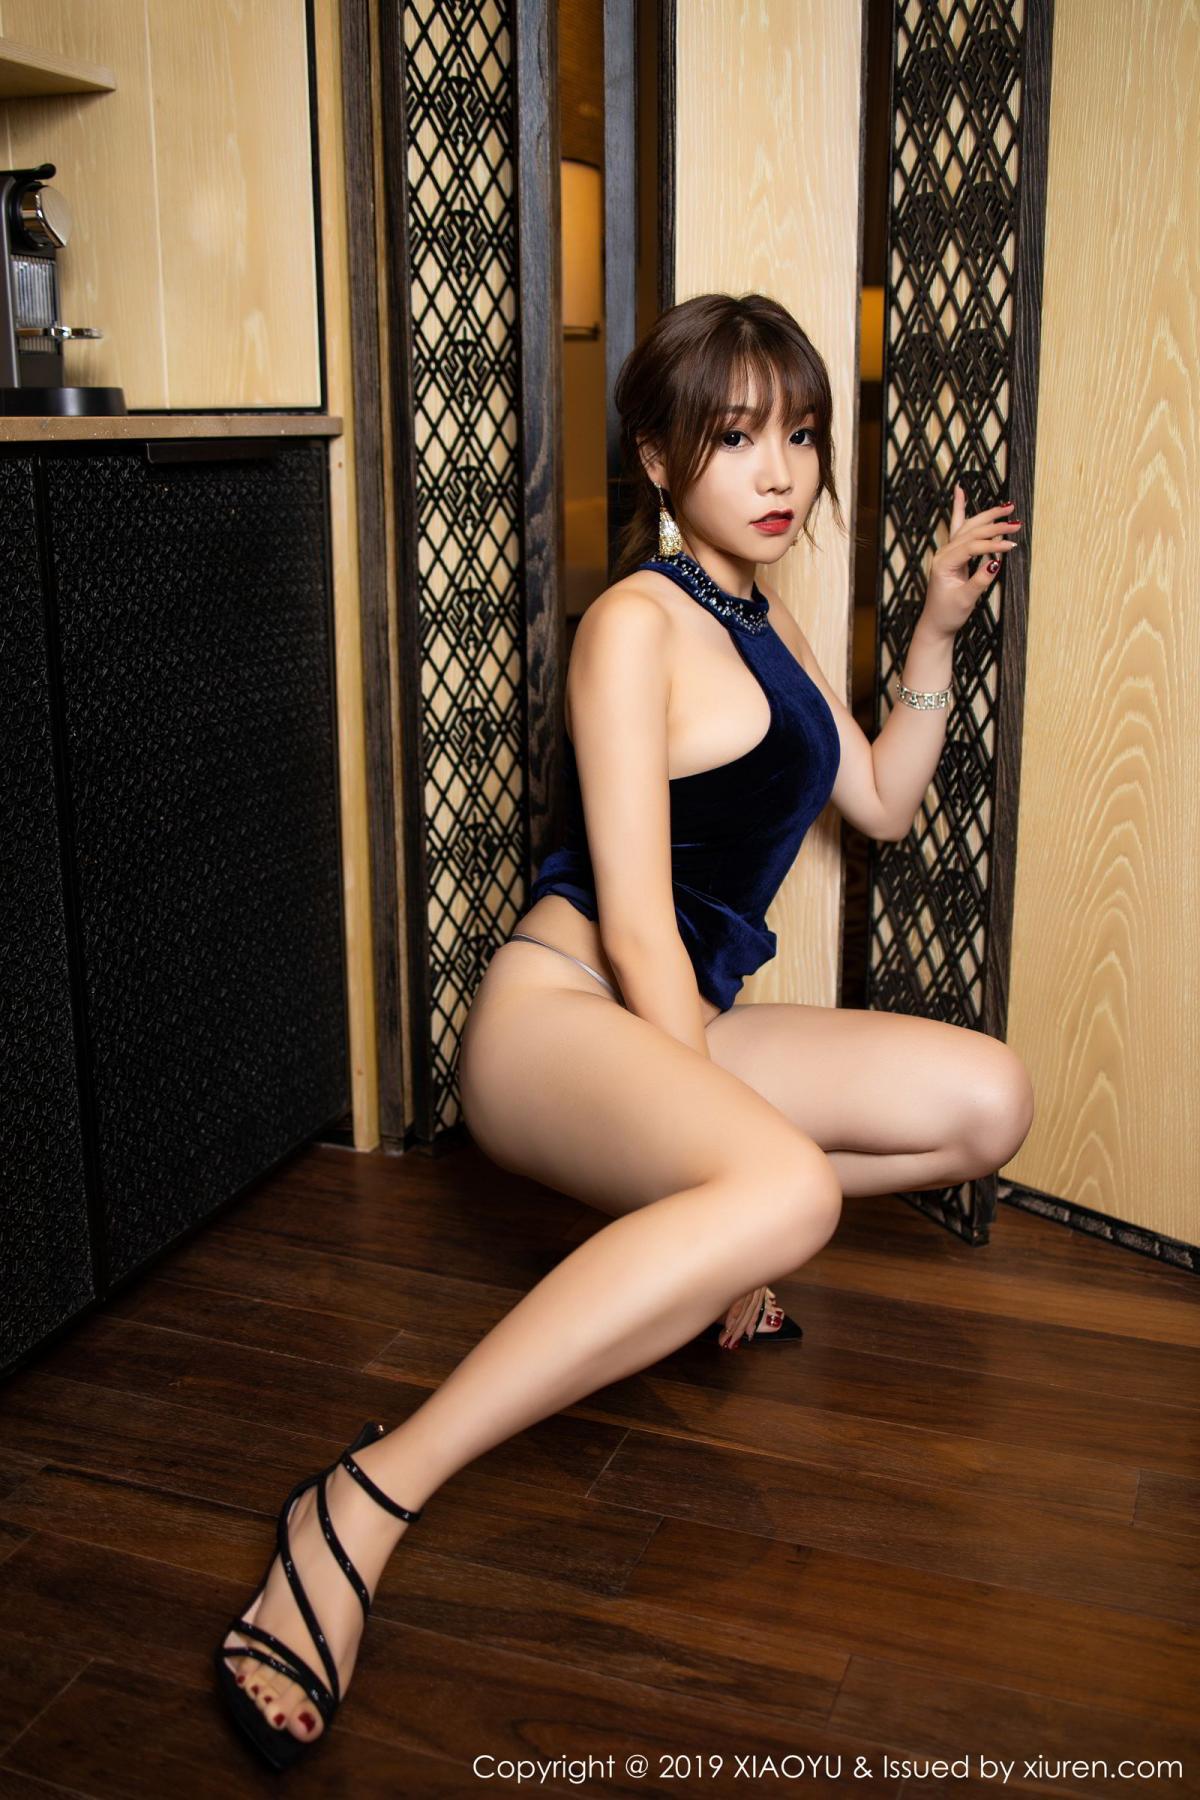 [XiaoYu] Vol.192 Chen Zhi 20P, Chen Zhi, Cheongsam, Tall, XiaoYu